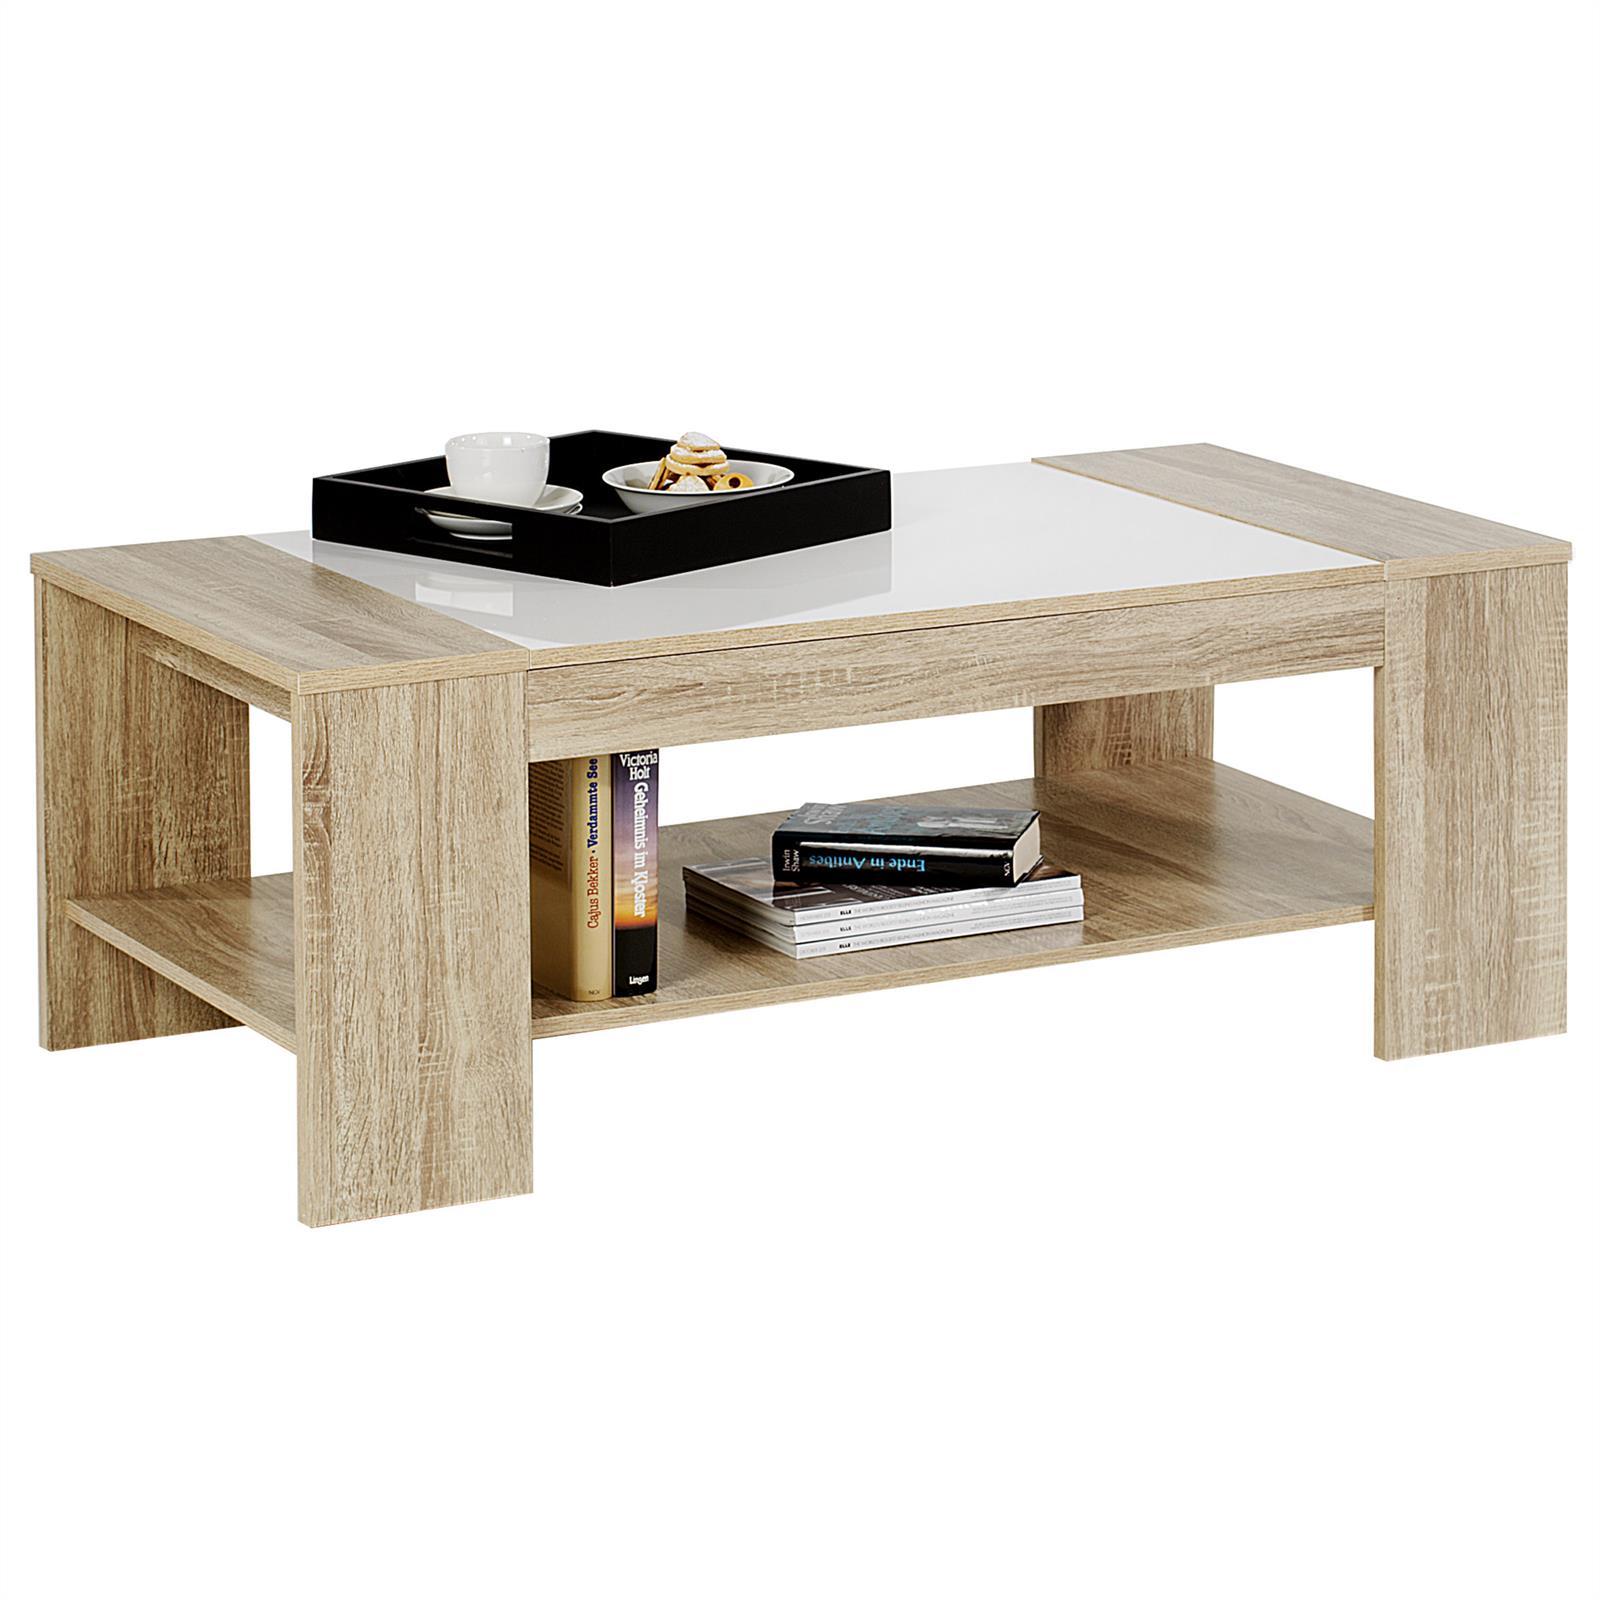 couchtisch beistelltisch wohnzimmertisch farbauswahl mit ablage ebay. Black Bedroom Furniture Sets. Home Design Ideas